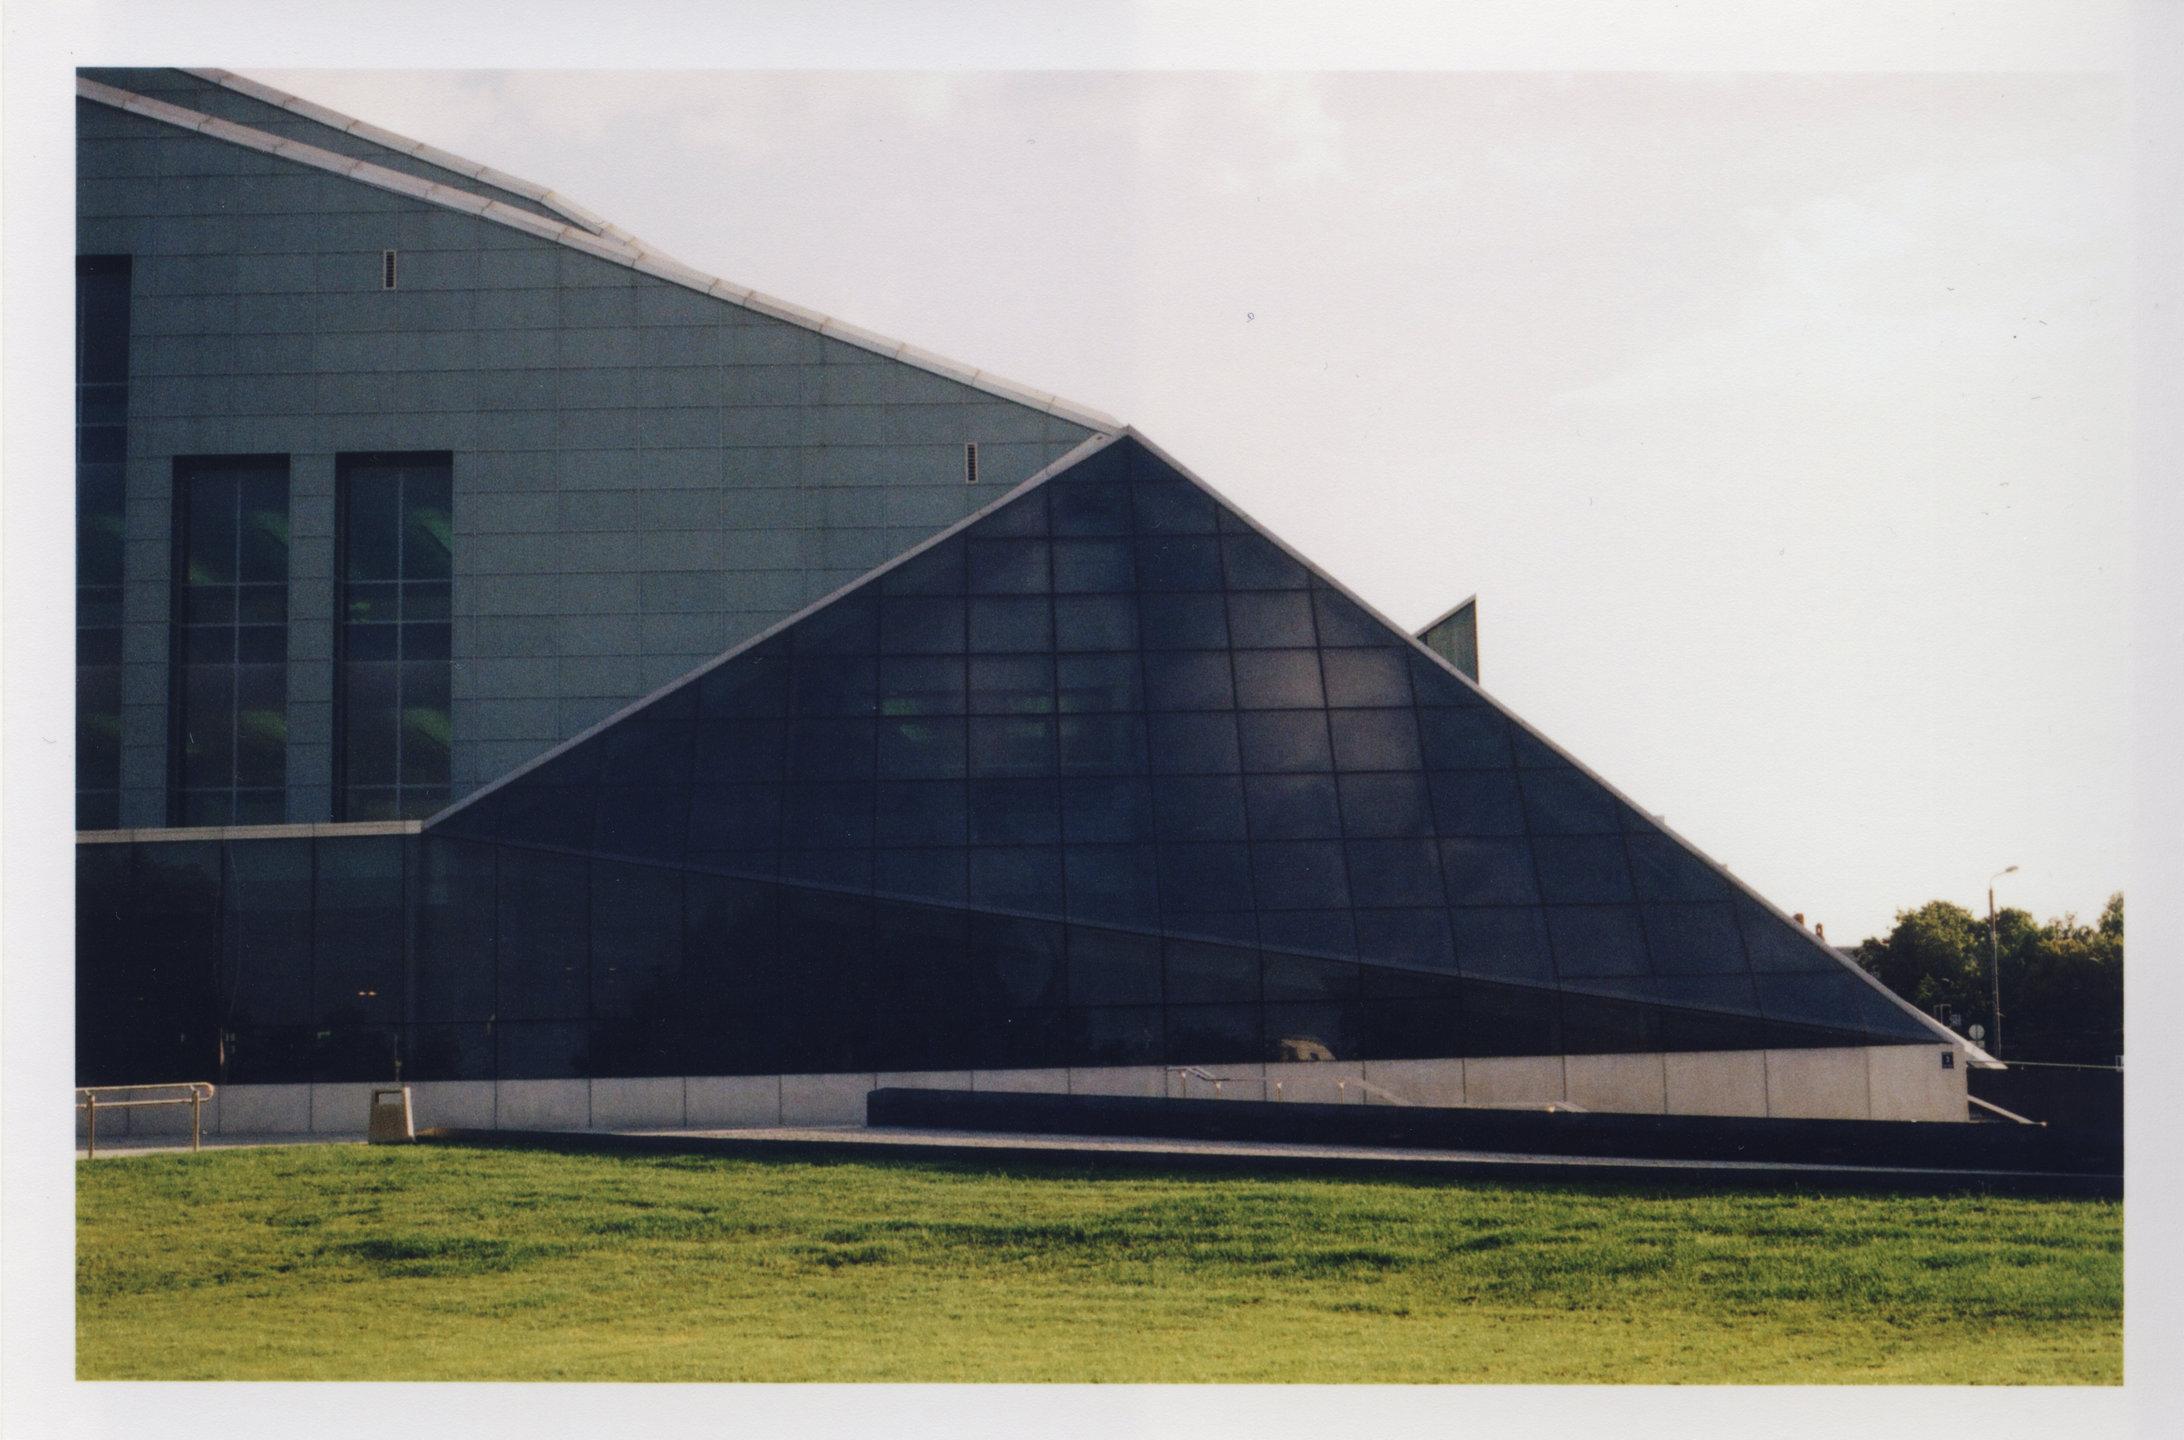 NATIONAL LIBRARY OF LATVIA |RIGA